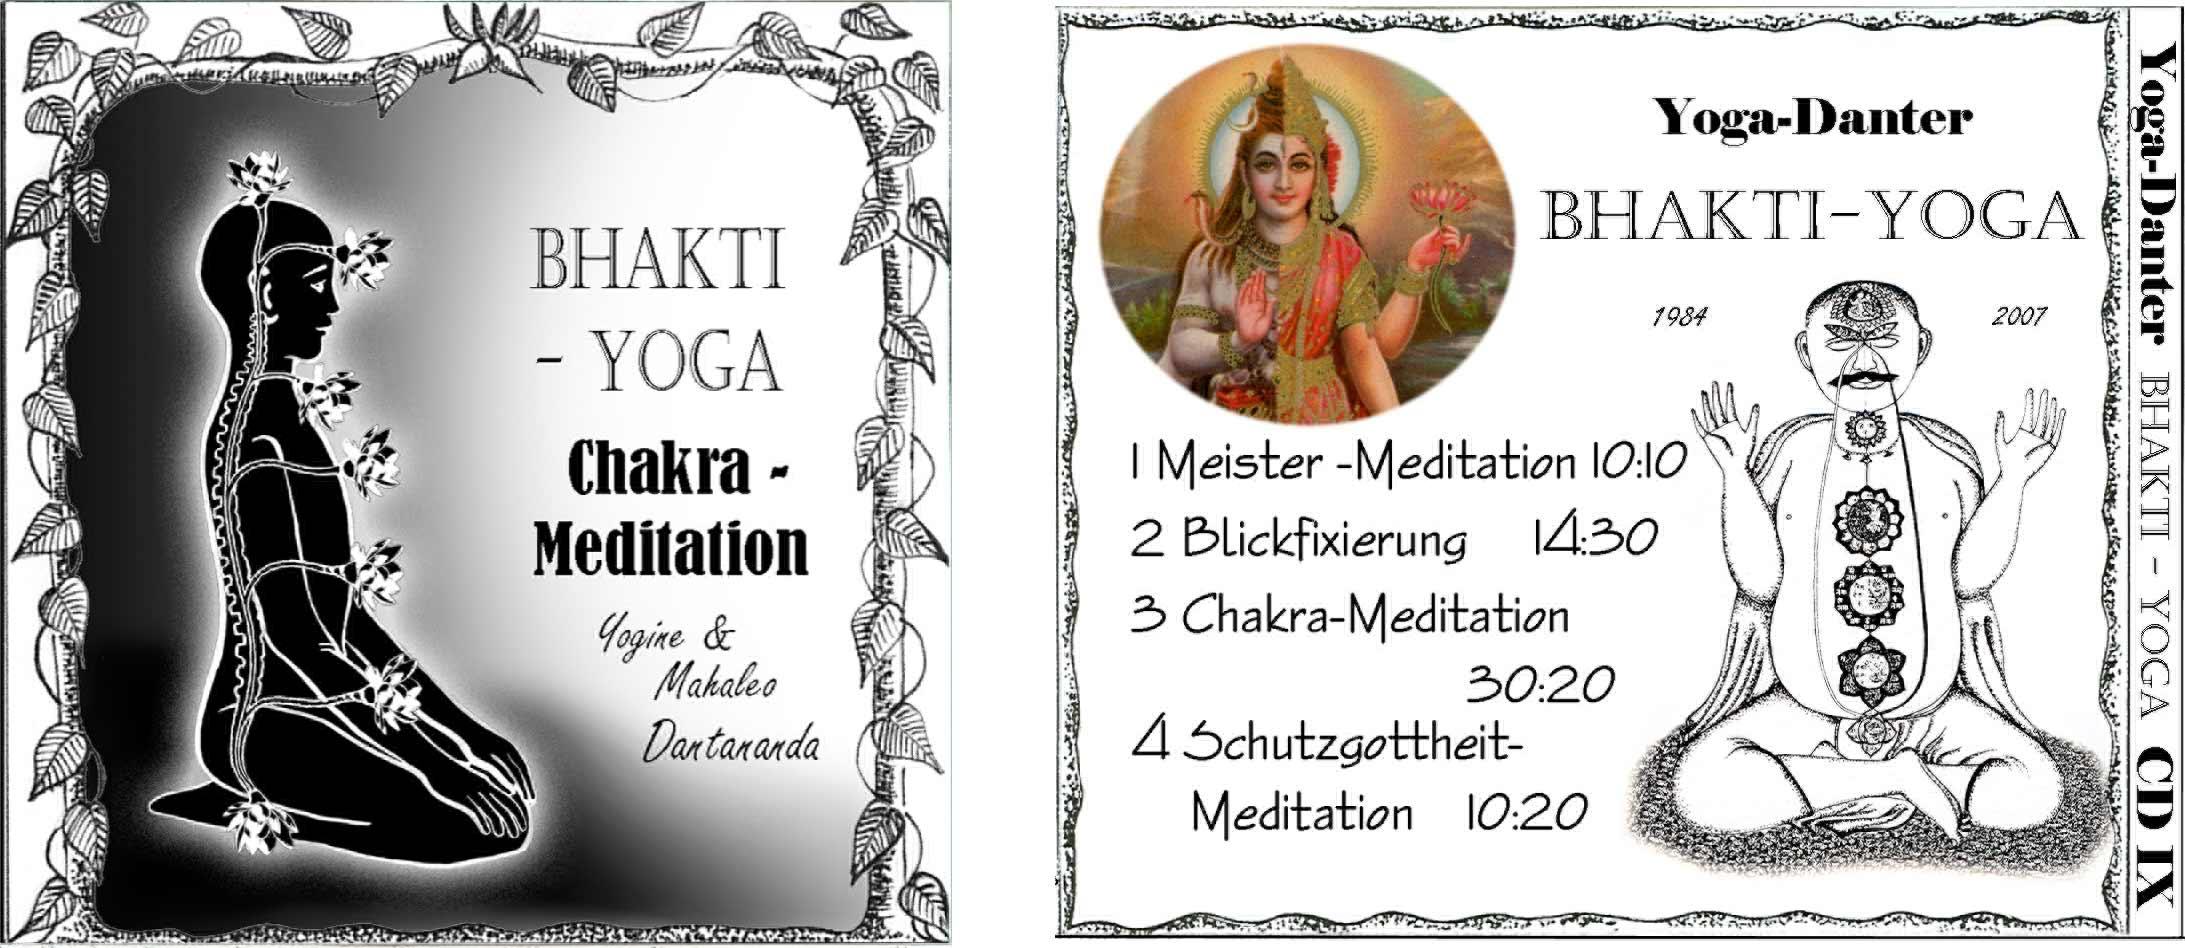 Bhakti Yoga Cd 10 bhakti - yoga